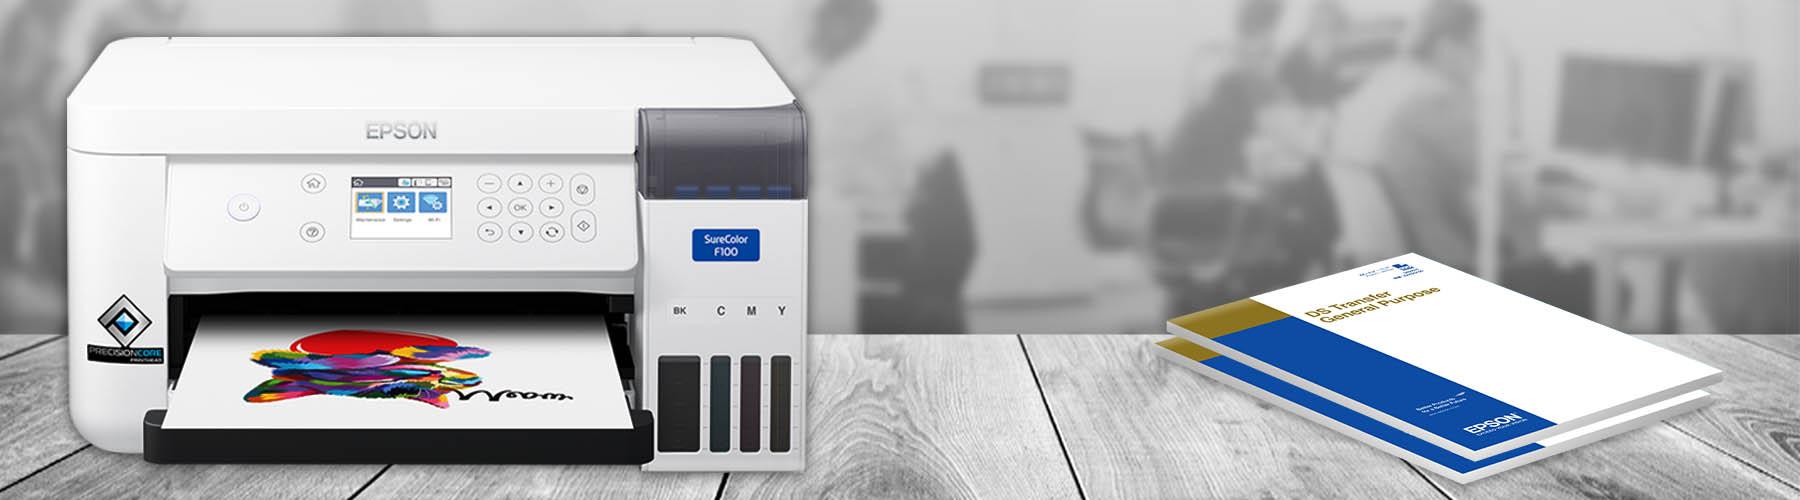 Epson SC-F100 Starter-Set (Einführungsset) inklusive Epson DS-Transfer-Vielzweckpapier, Blattware, 100 Blatt.